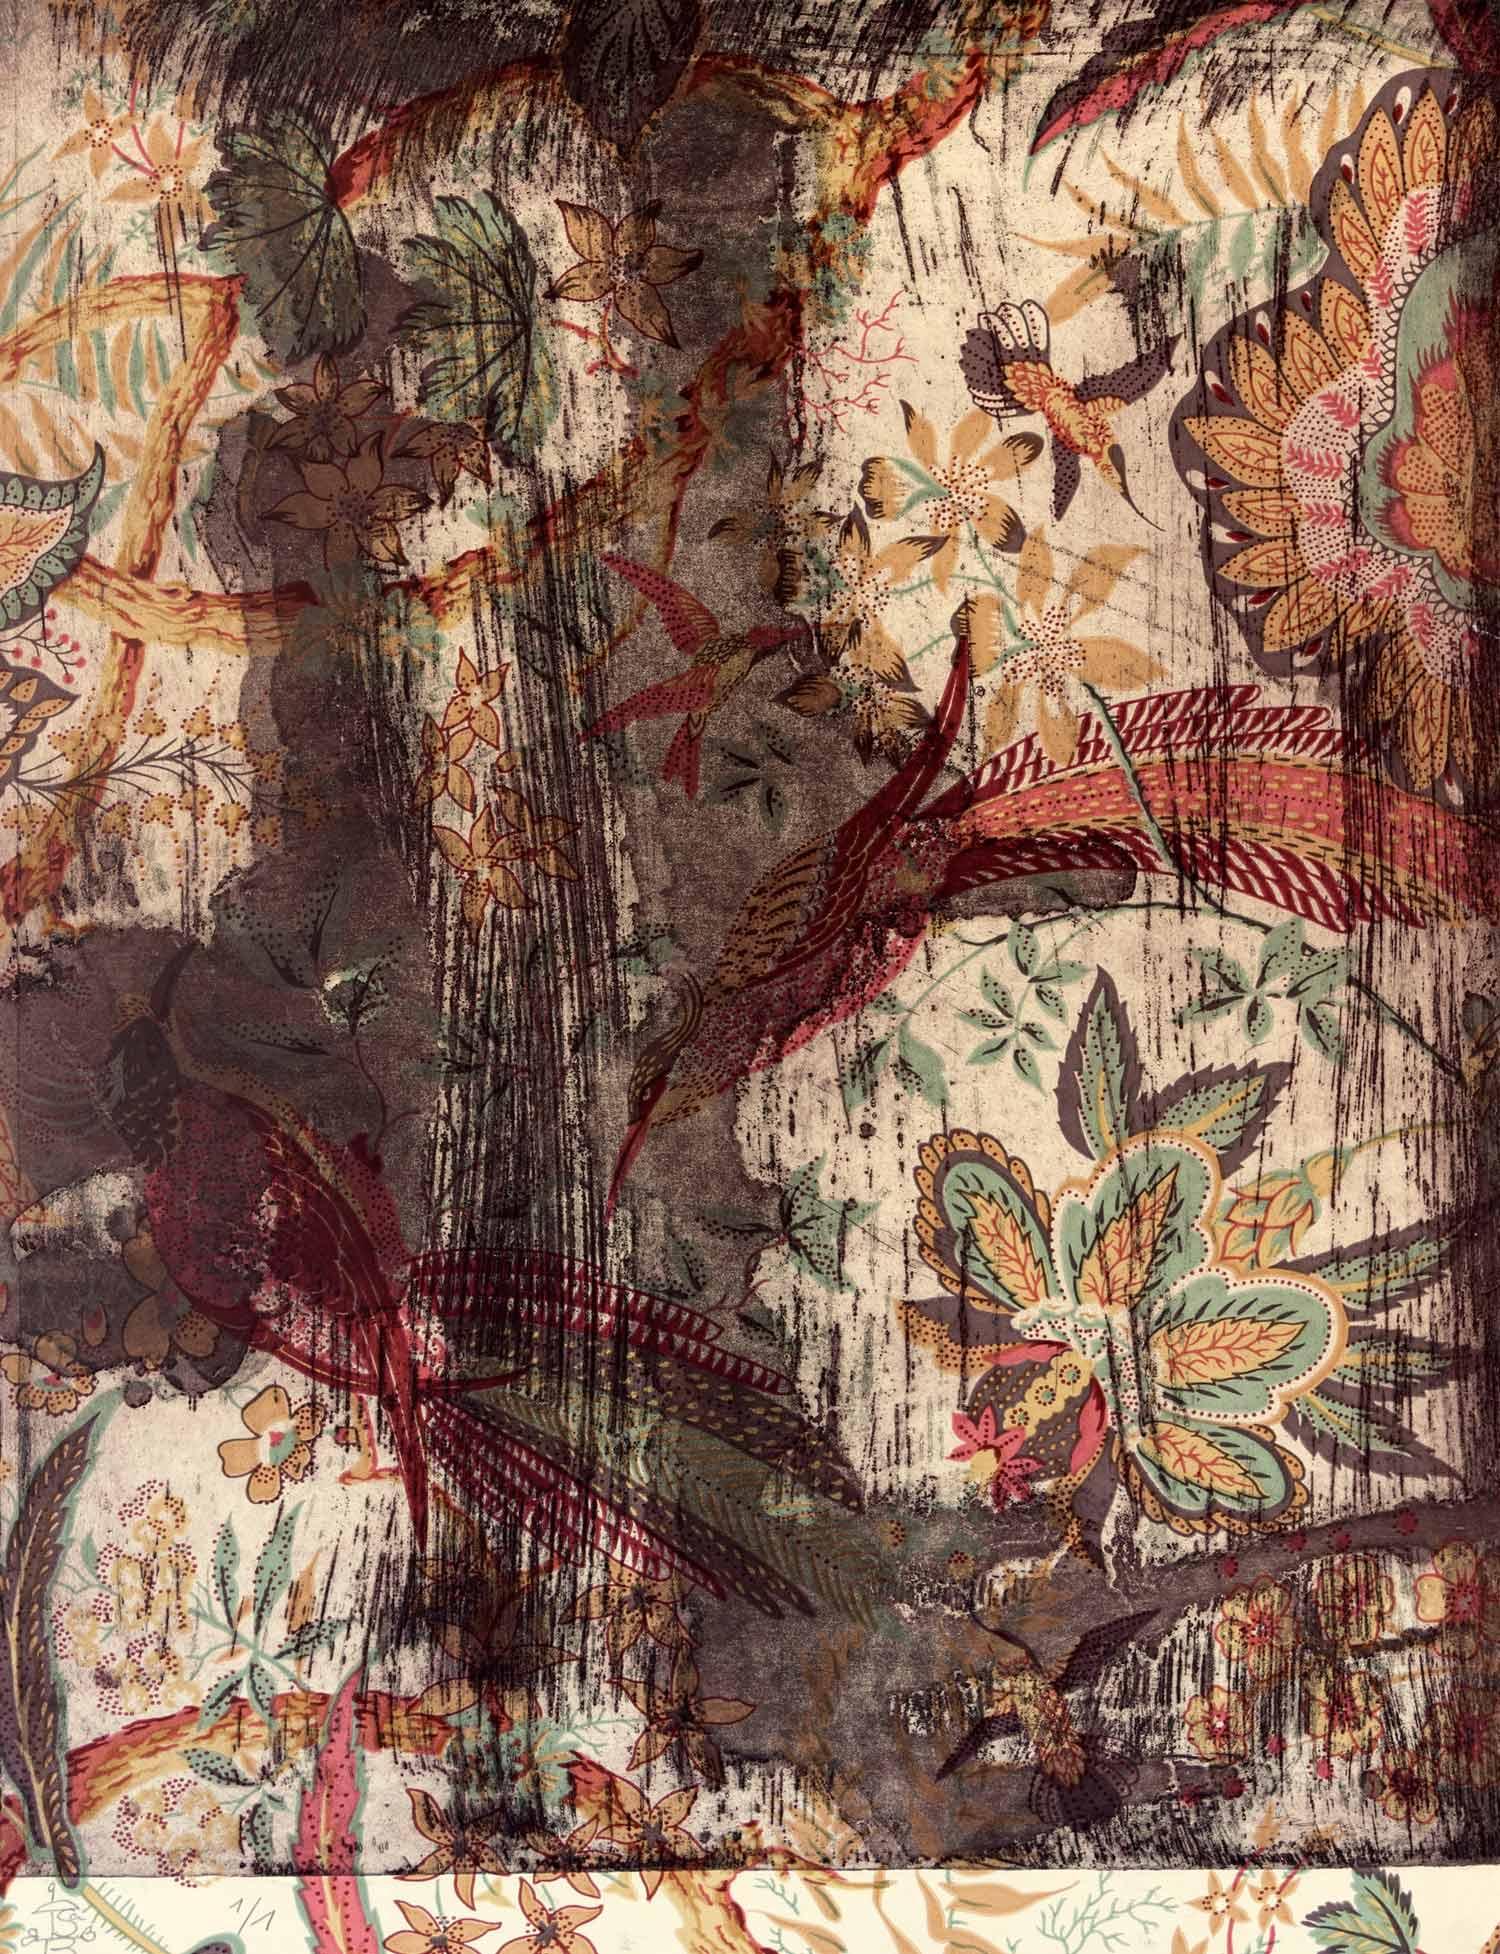 DECÓ. Aguafuerte sobre papel decorativo, 52 x 40 cm